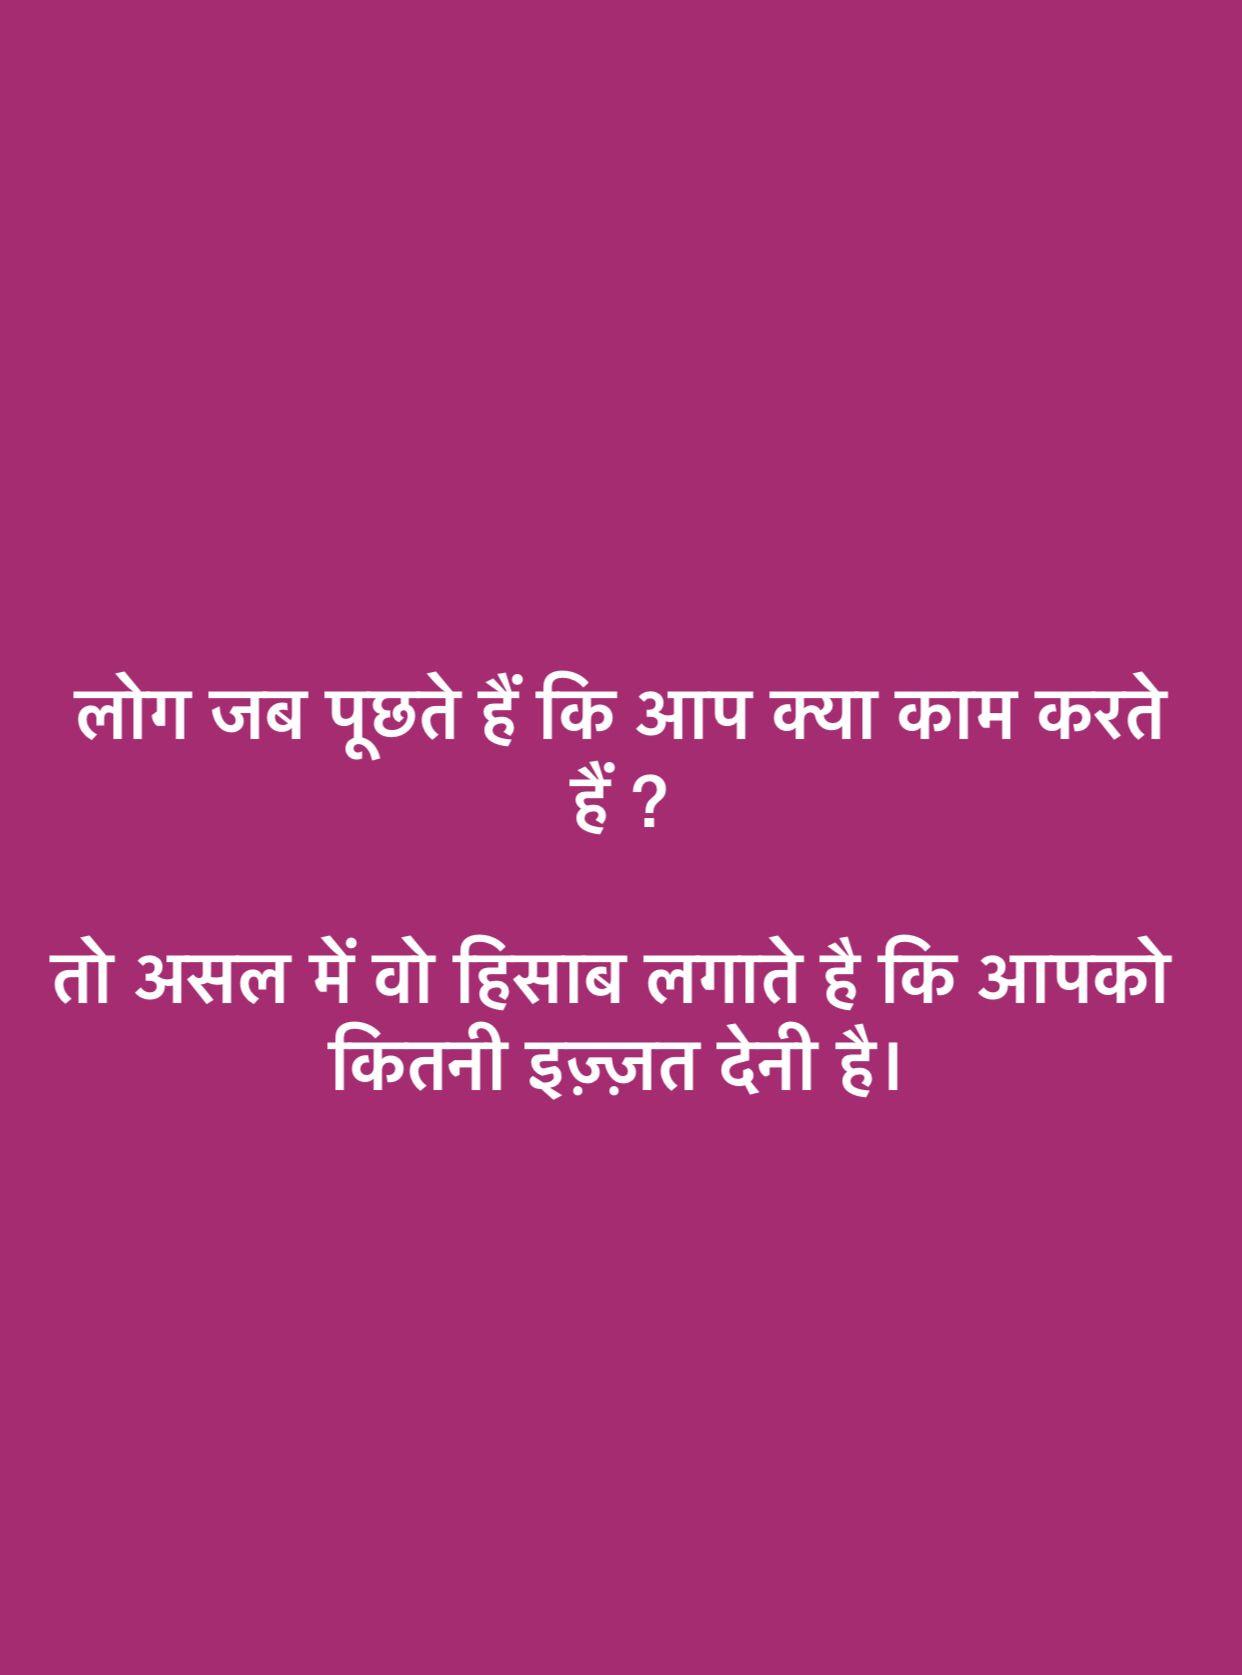 Pin by Dr. Rahul Kumar Meena on Thought reprint ☺️ Hindi